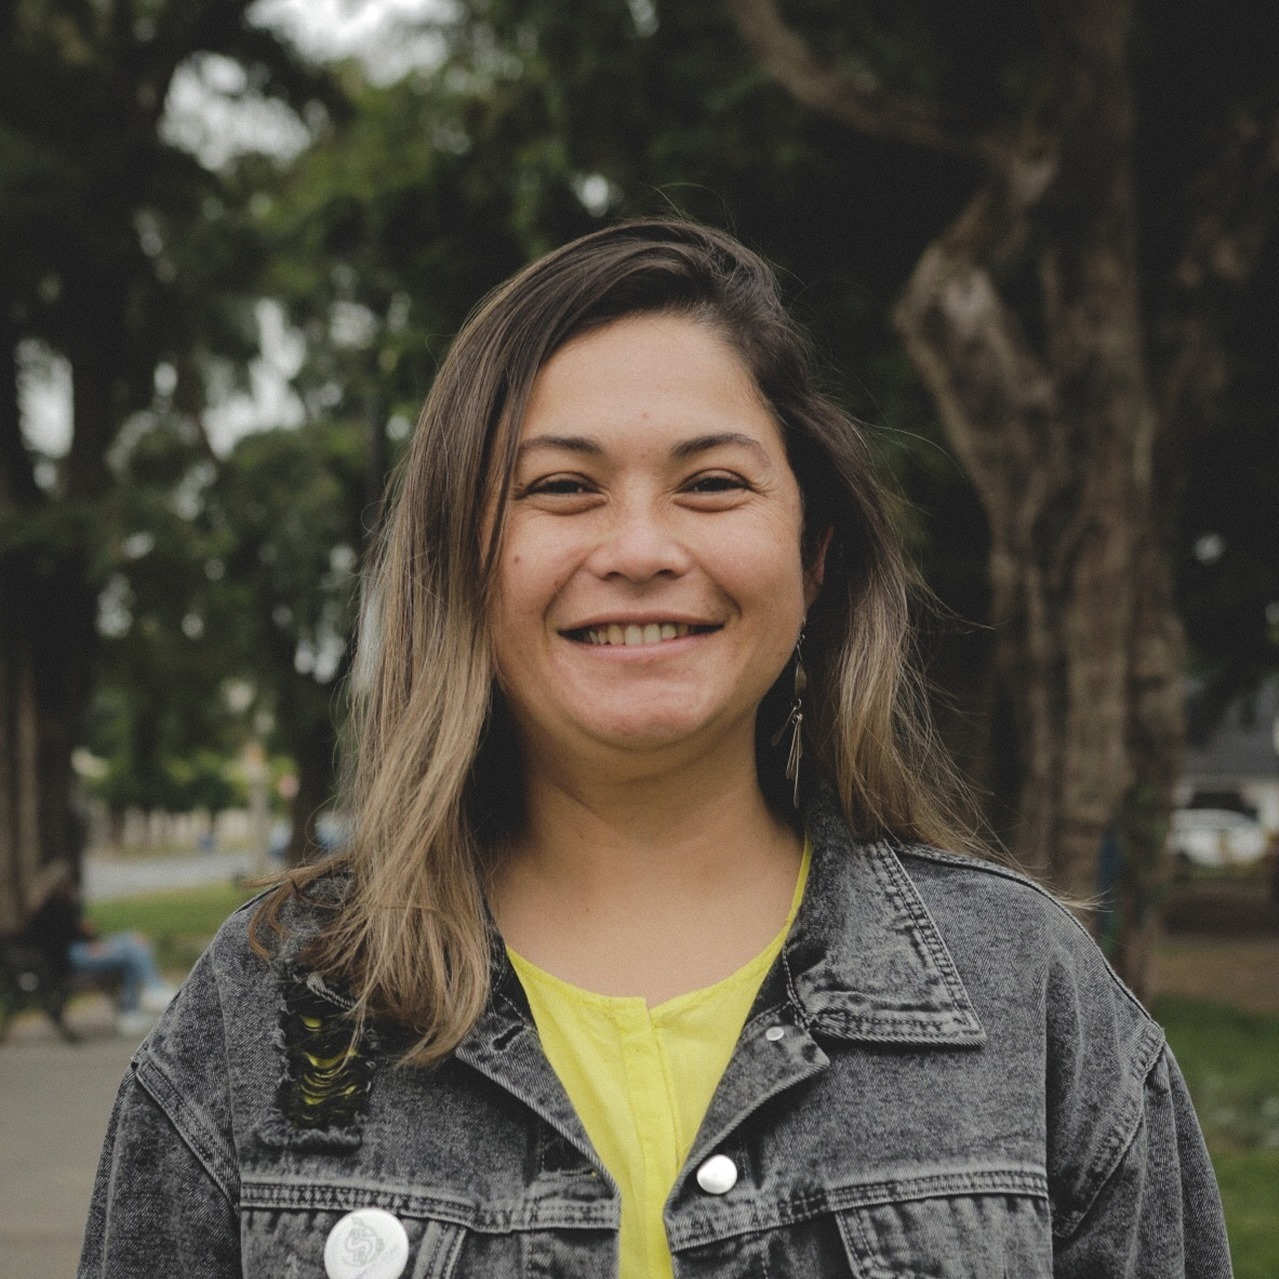 Sindy Salazar: La abogada de DD.HH. que quiere abrir la Convención a las asambleas ciudadanas